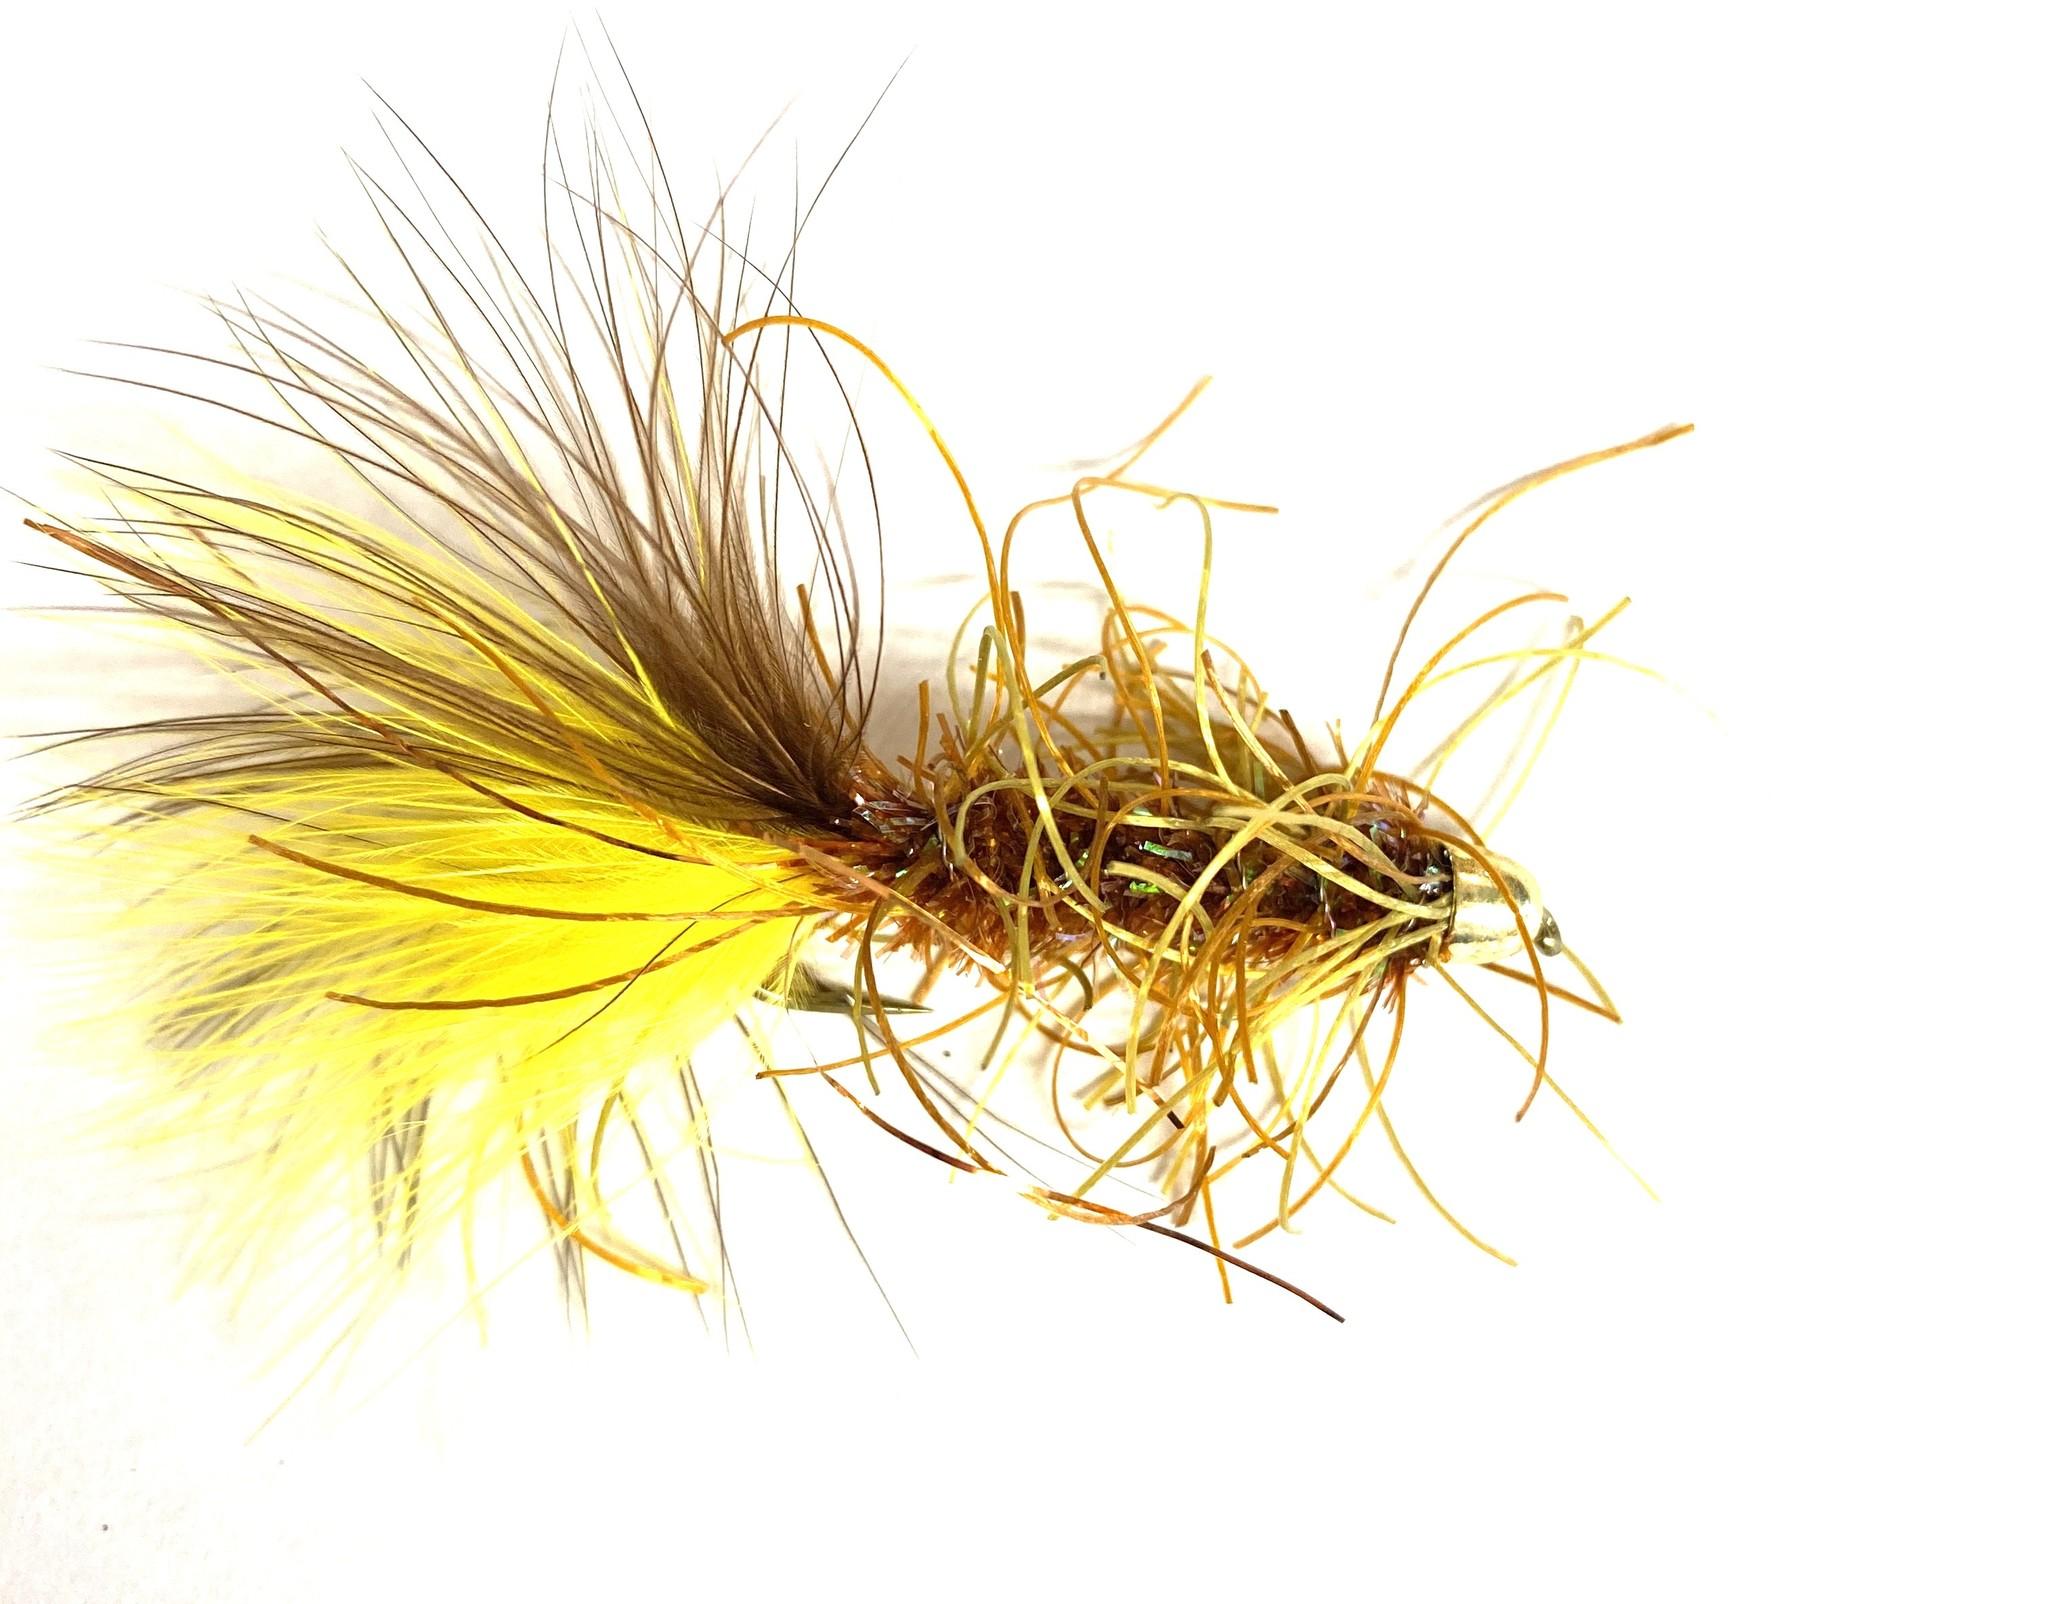 Montana Fly Company Cone Head Rubber Bugger